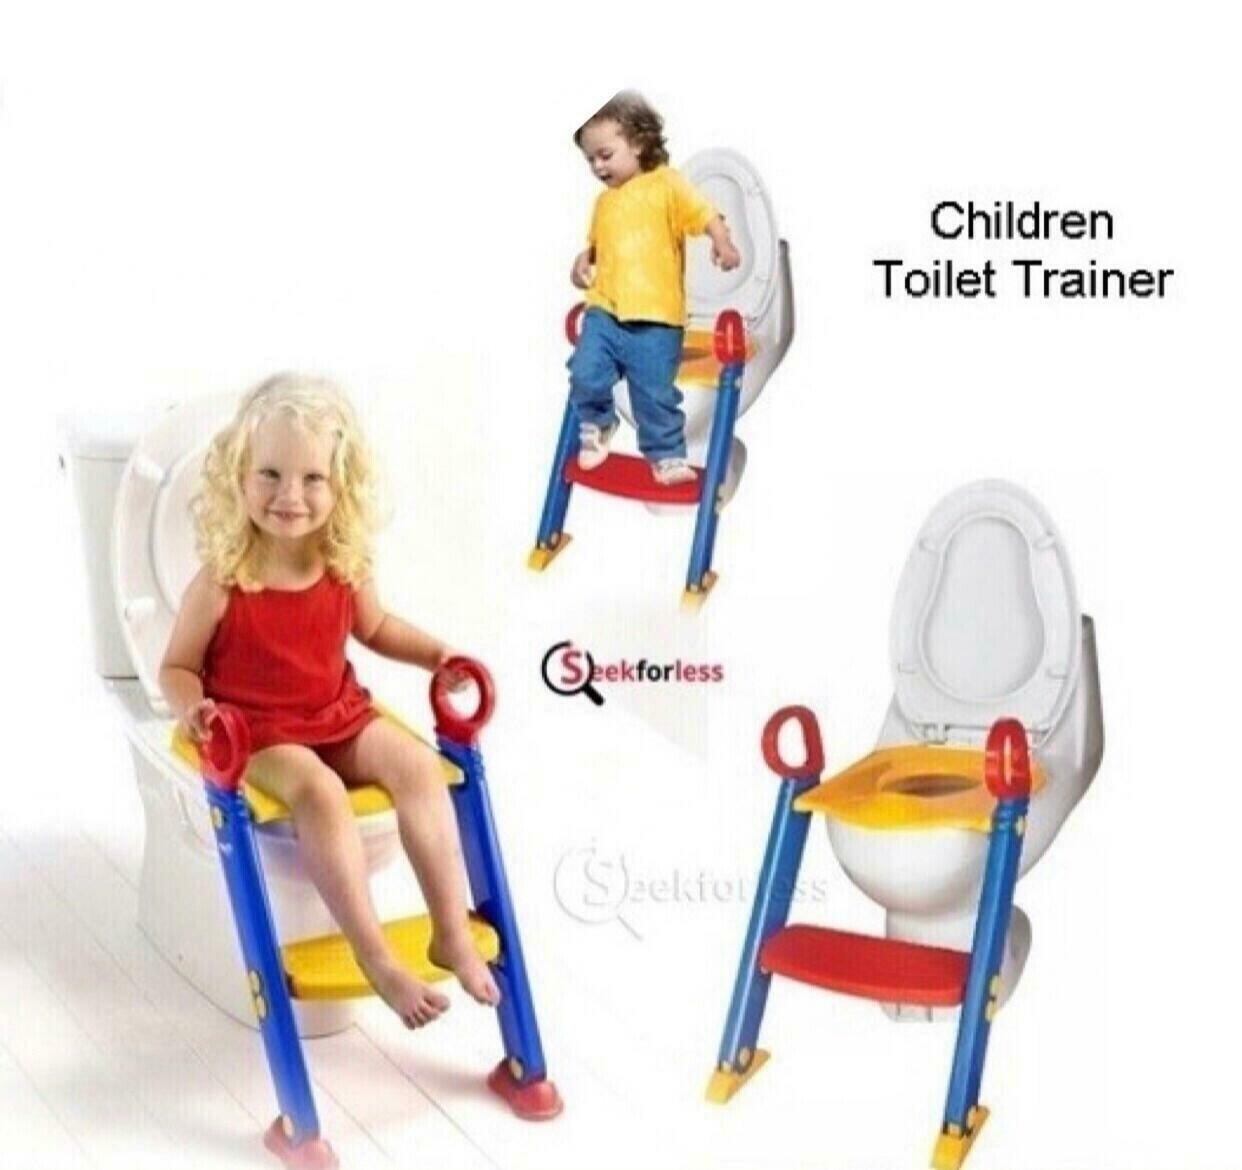 Children's Toilet Trainer